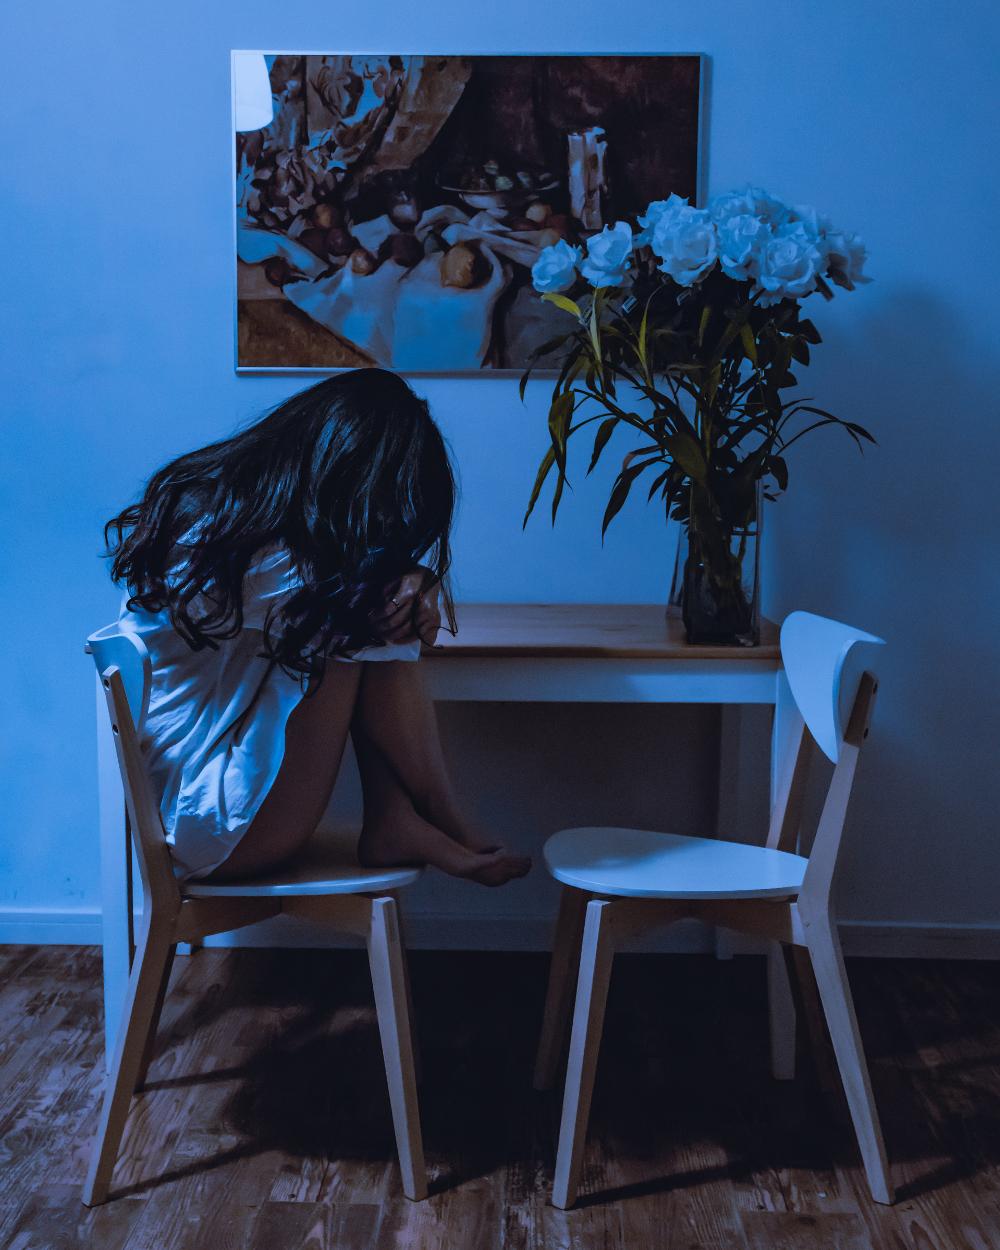 Τρία αδιάψευστα σημάδια απιστίας που επιμένεις να μην βλέπεις